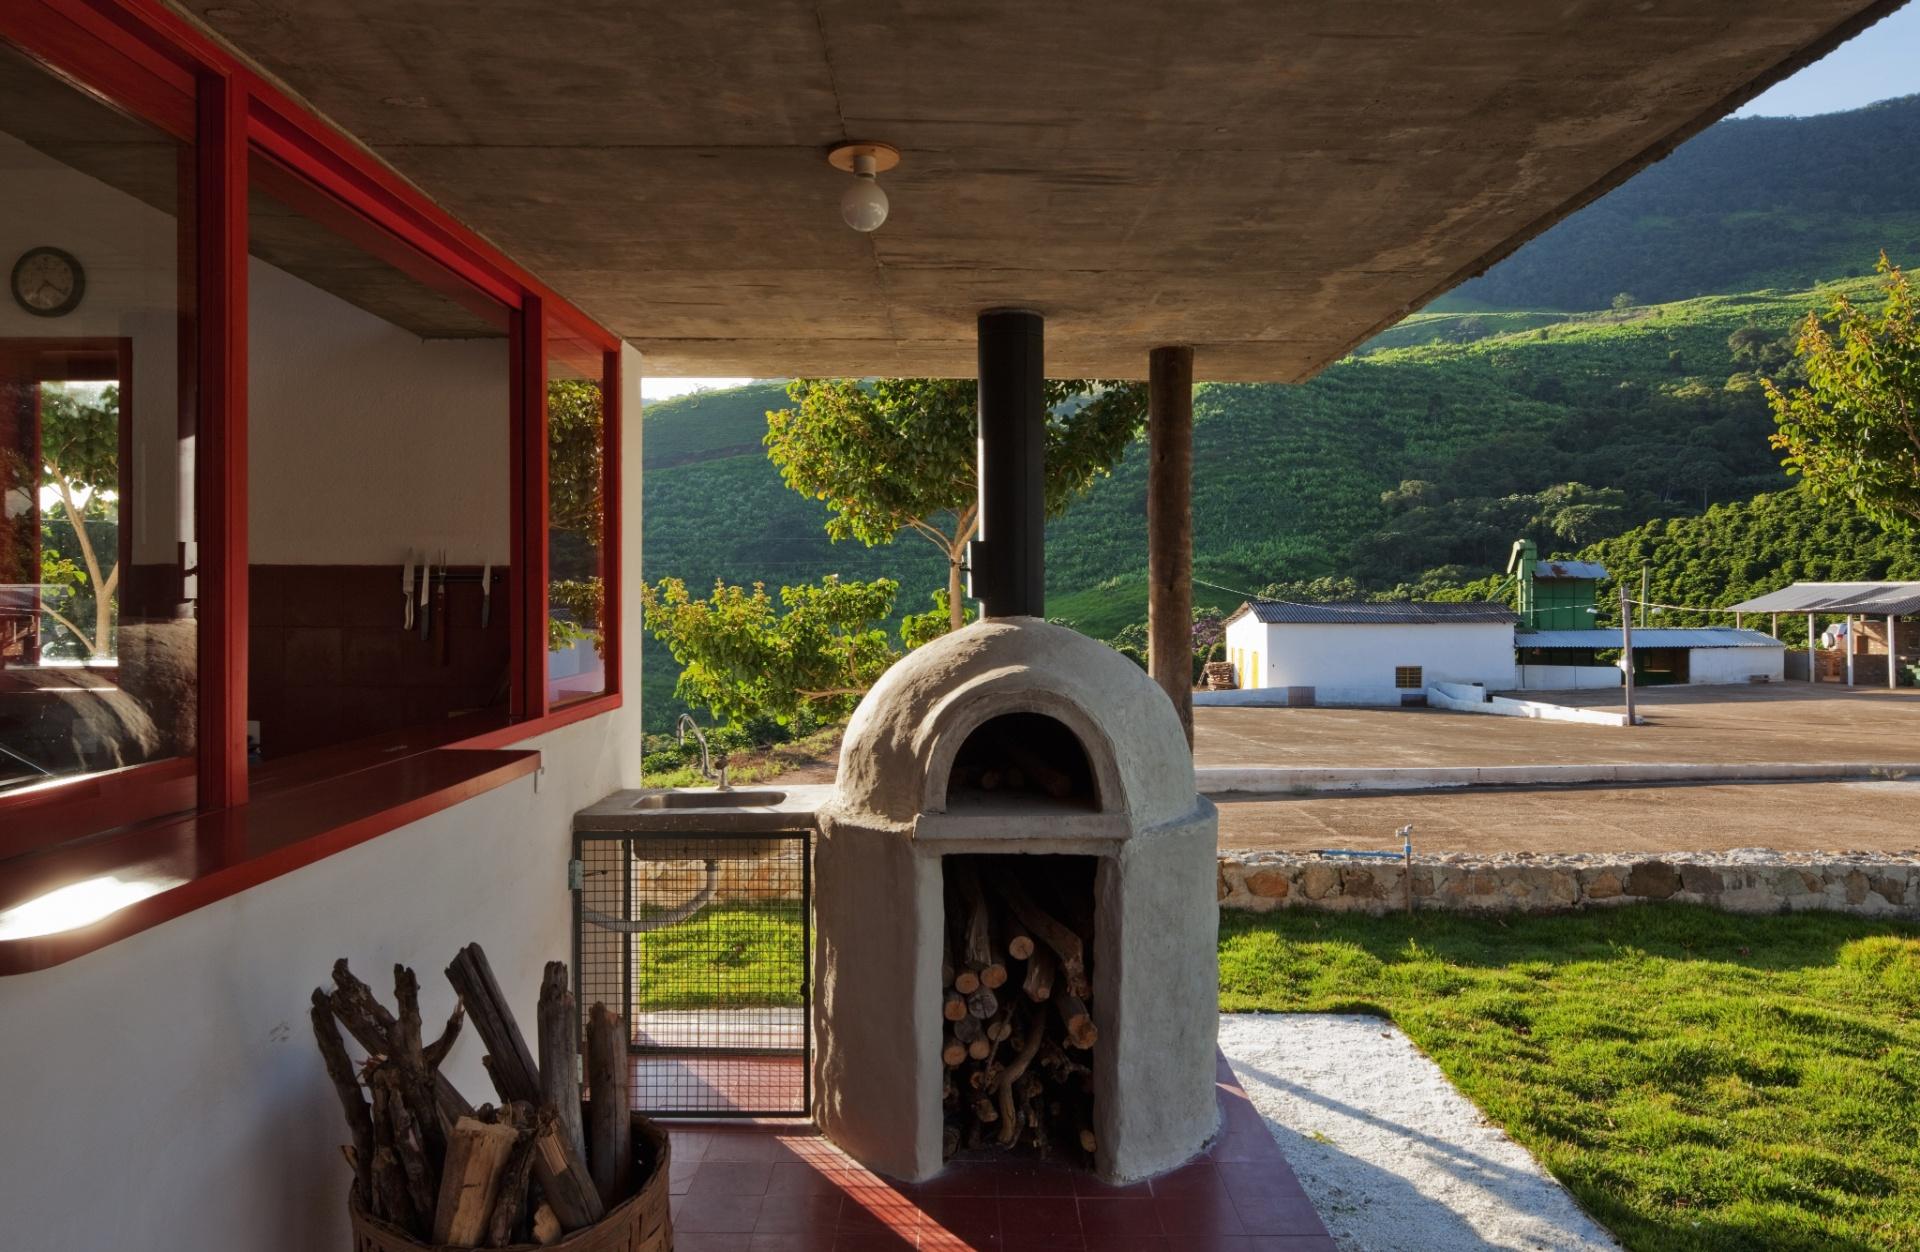 Uma das atrações da casa Dom Viçoso, projetada pelo arquiteto Marcelo Ferraz, é o forno a lenha instalado em uma das varandas. Ali, a família curte momentos deliciosos apreciando a culinária mineira